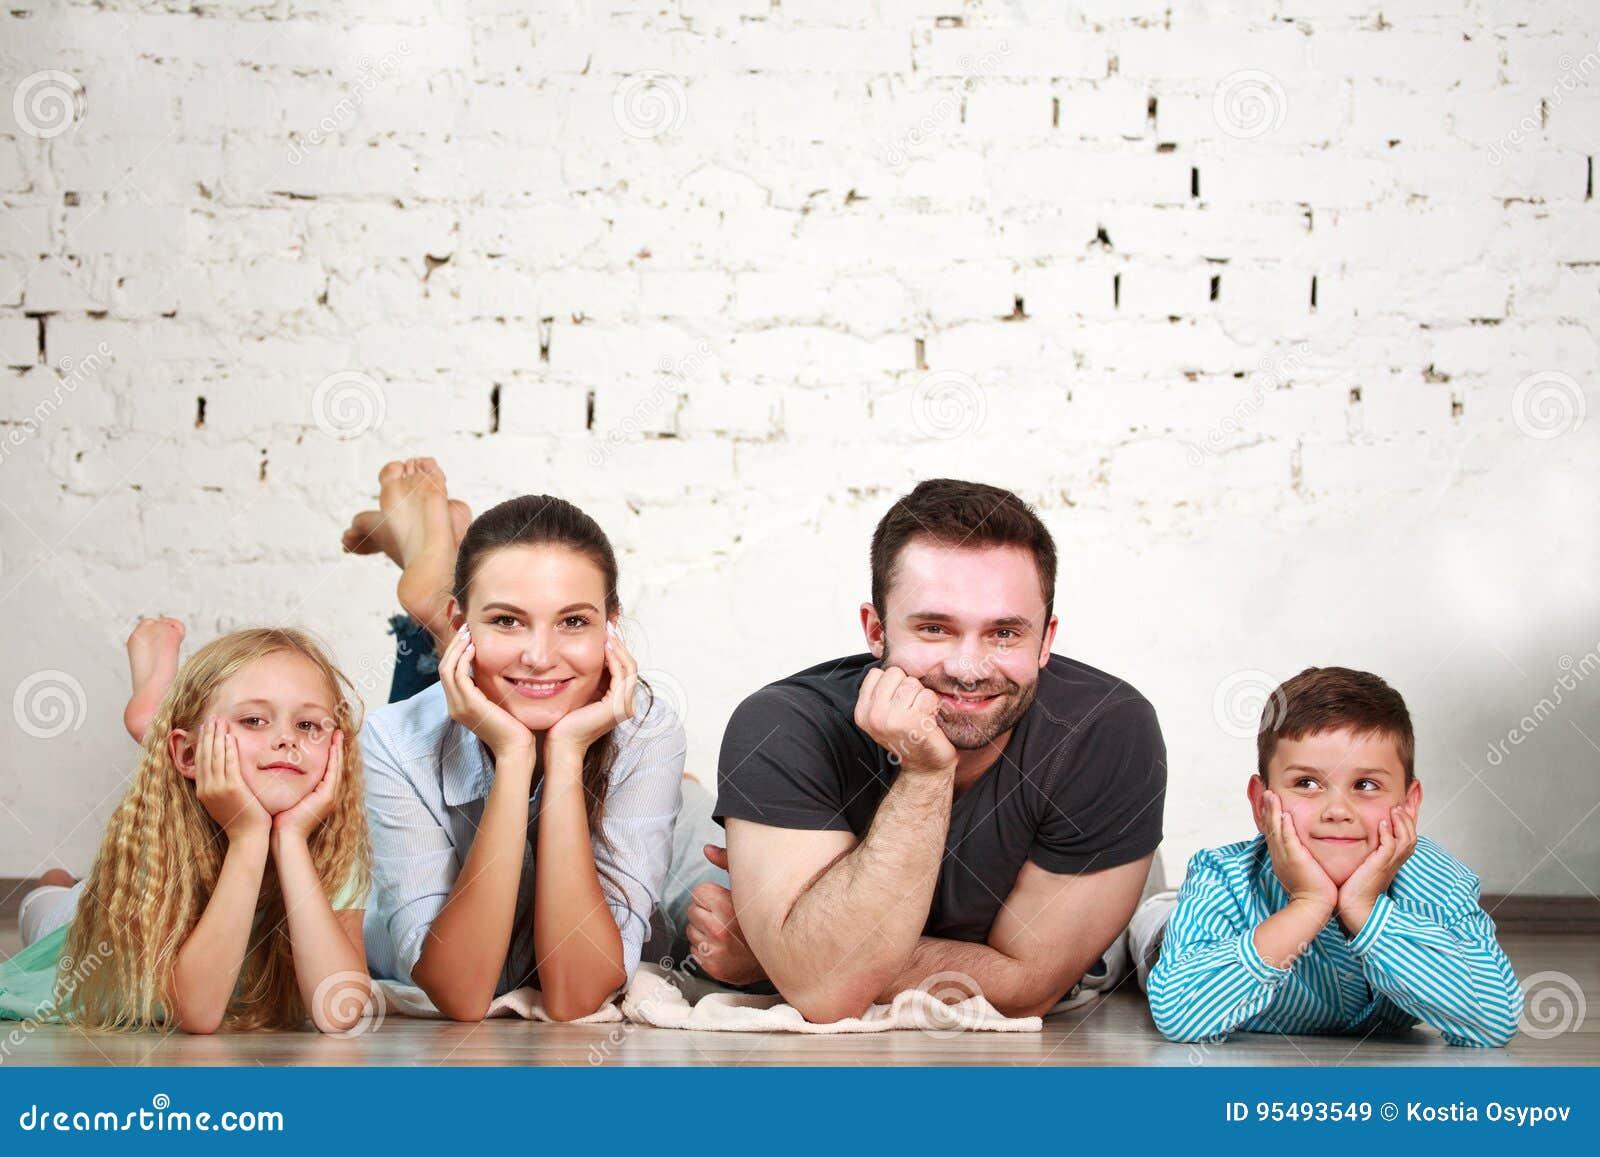 Junge glückliche Familieneltern und zwei Kinder steuern Studio automatisch an